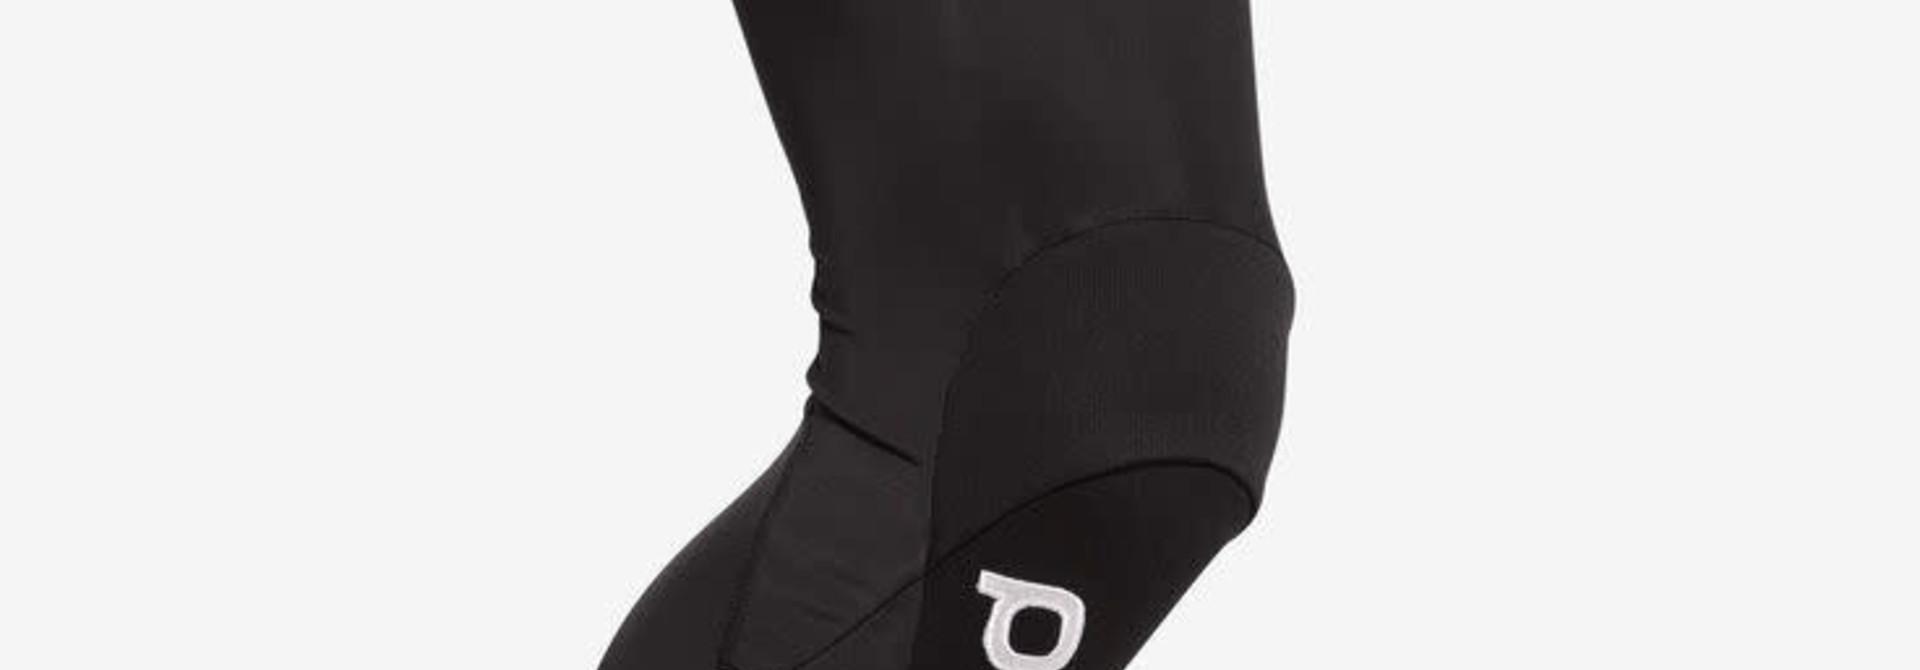 POC VPD Air Leg